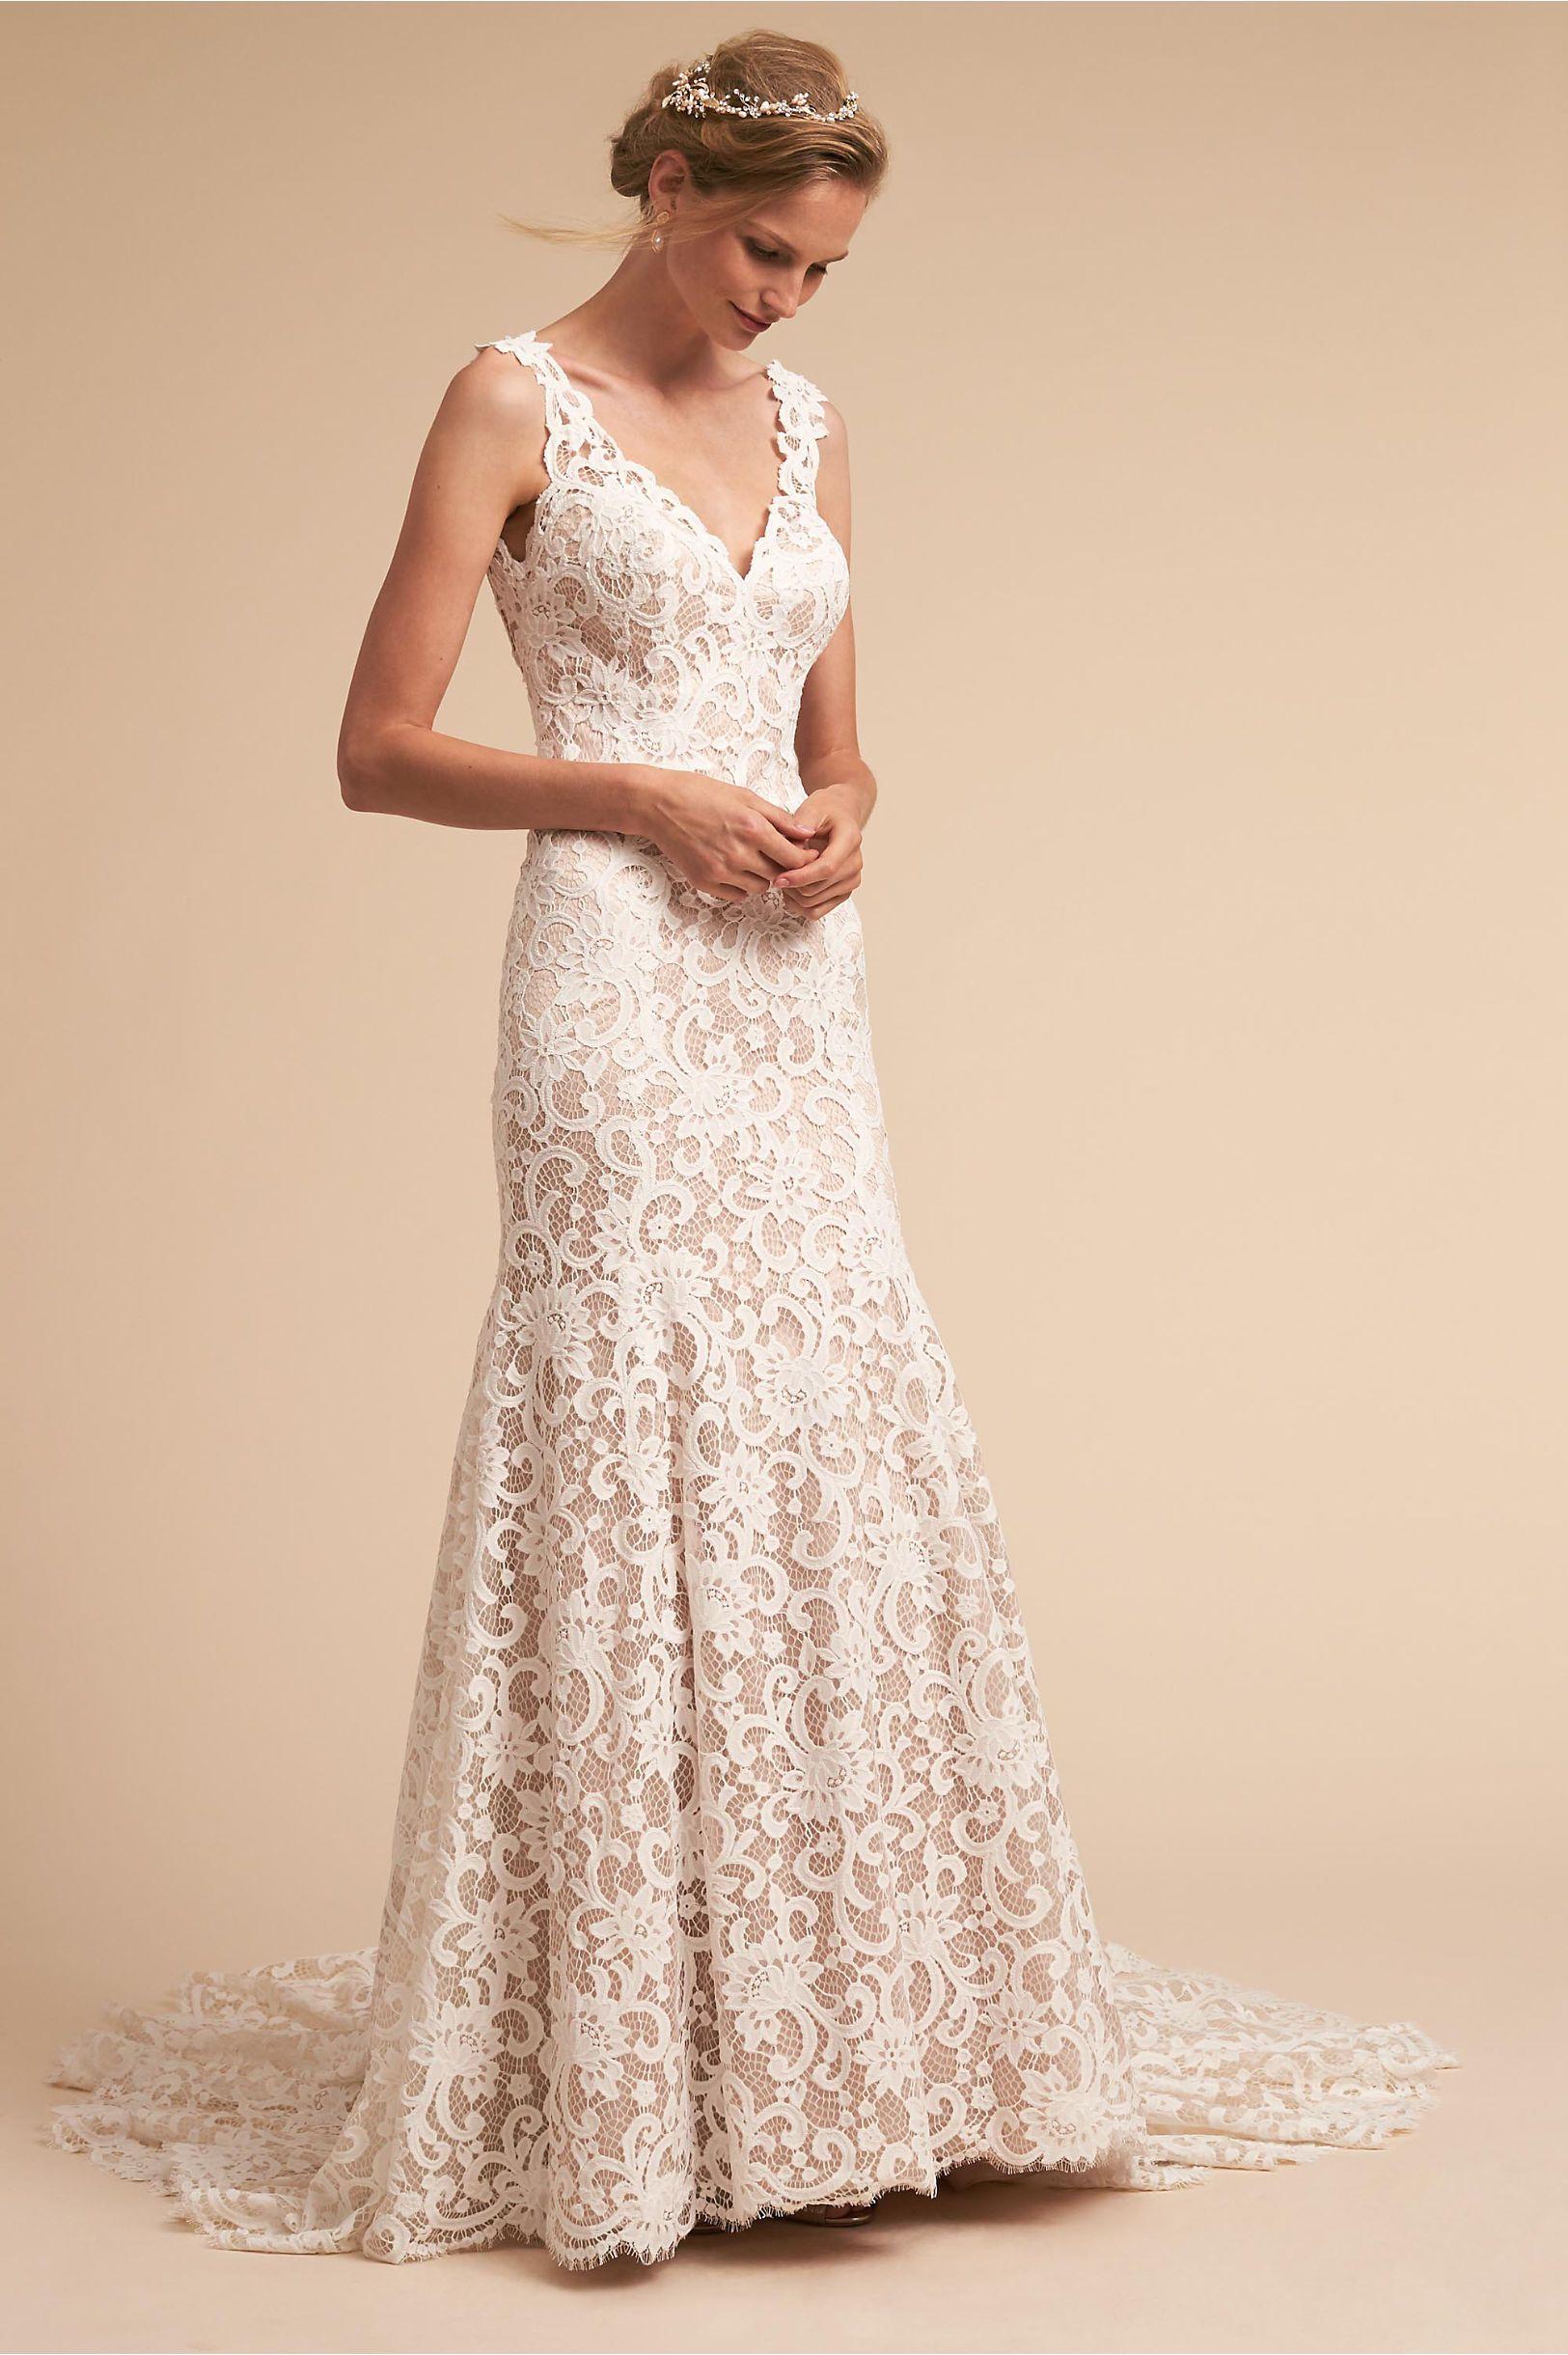 Tulle skirt wedding dress  BHLDN Harlow Gown  Wedding  Pinterest  Wedding dresses Wedding